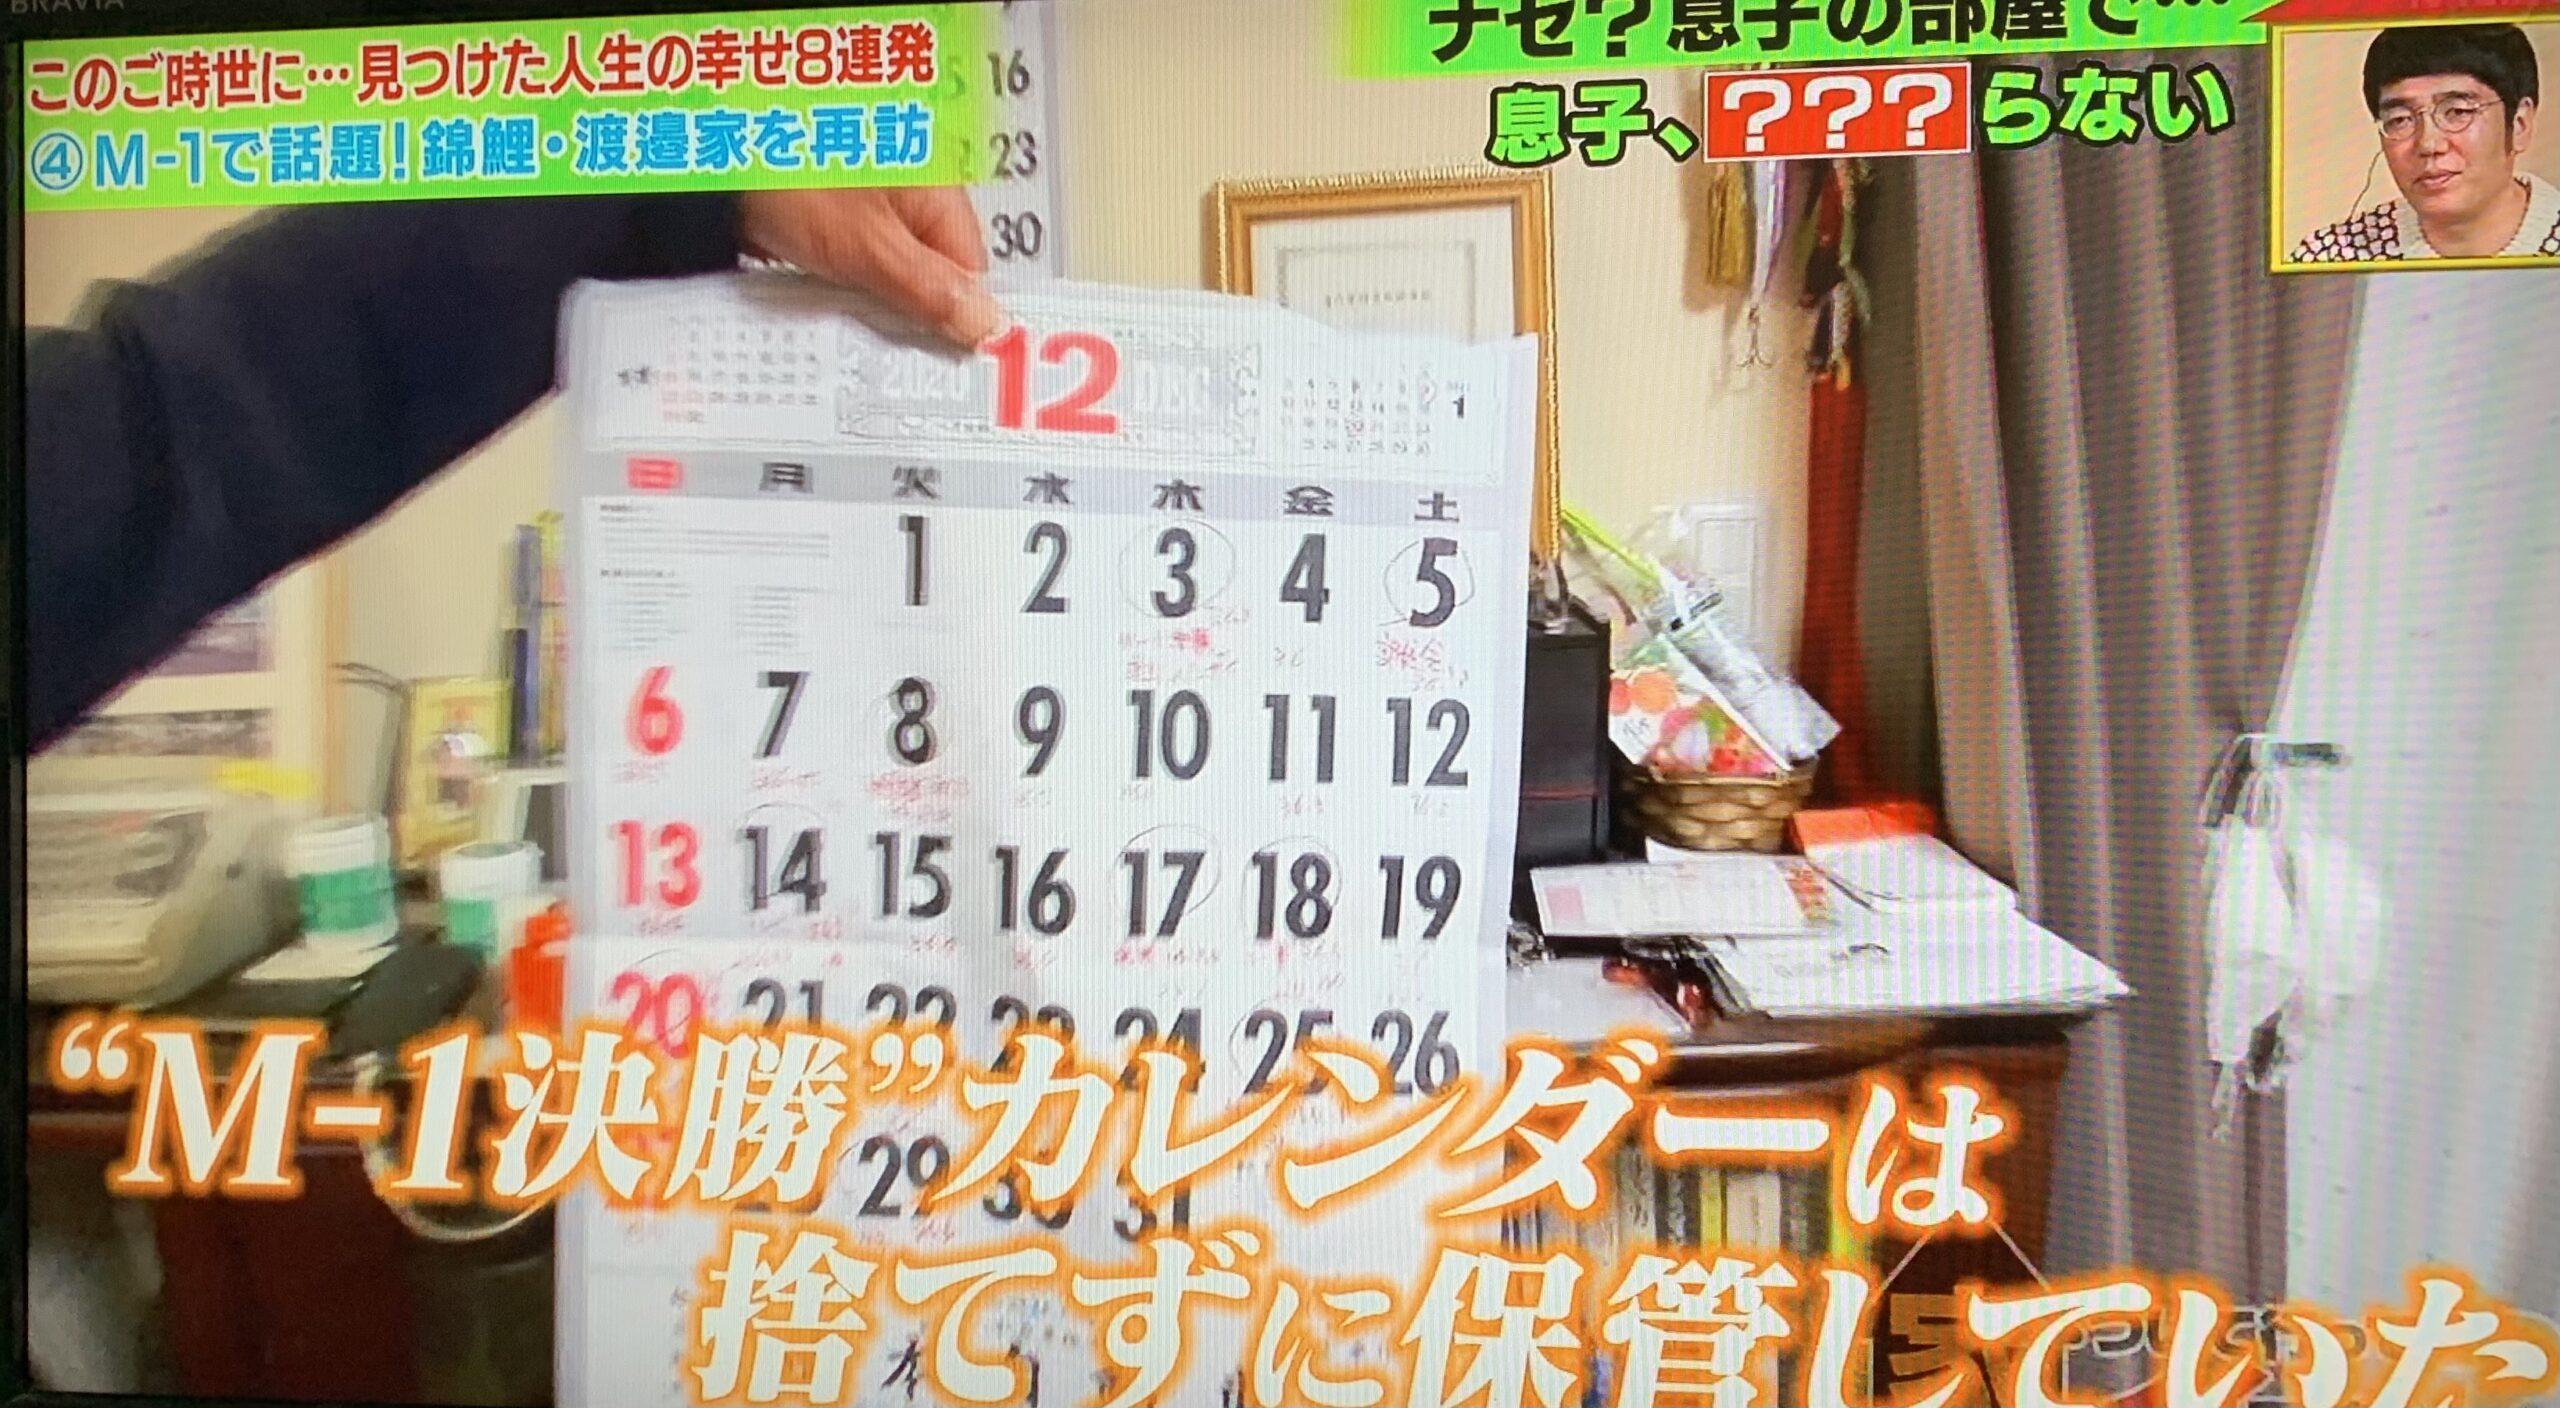 M-1決勝のカレンダー